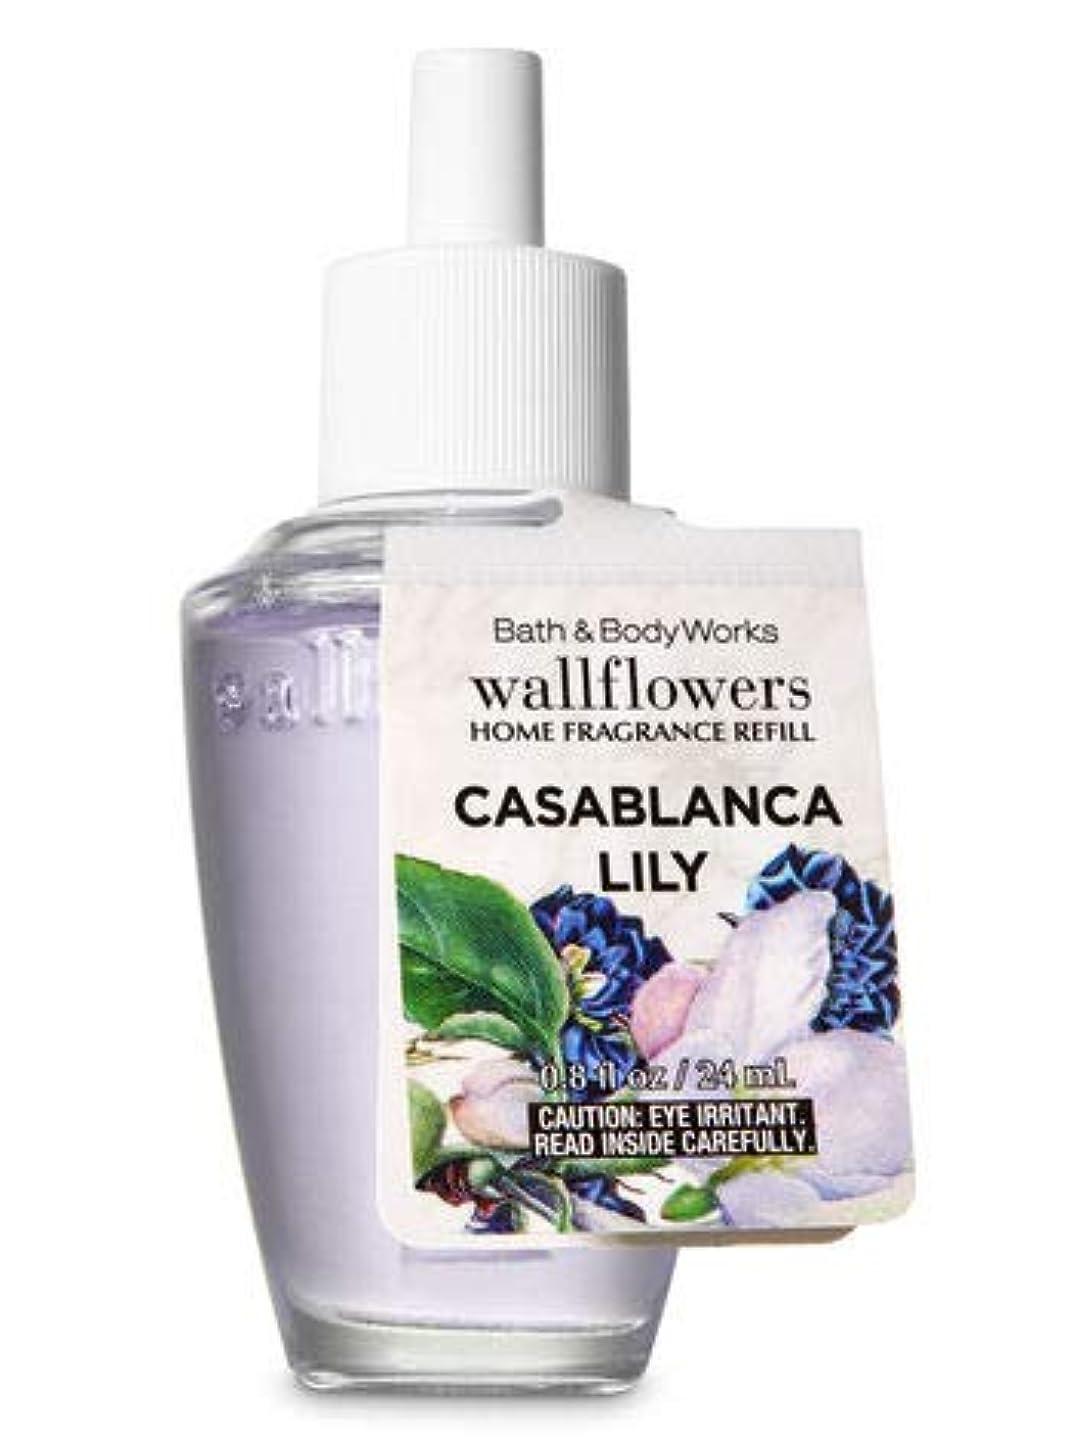 バンドルそよ風メディカル【Bath&Body Works/バス&ボディワークス】 ルームフレグランス 詰替えリフィル カサブランカリリー Wallflowers Home Fragrance Refill Casablanca Lily [並行輸入品]